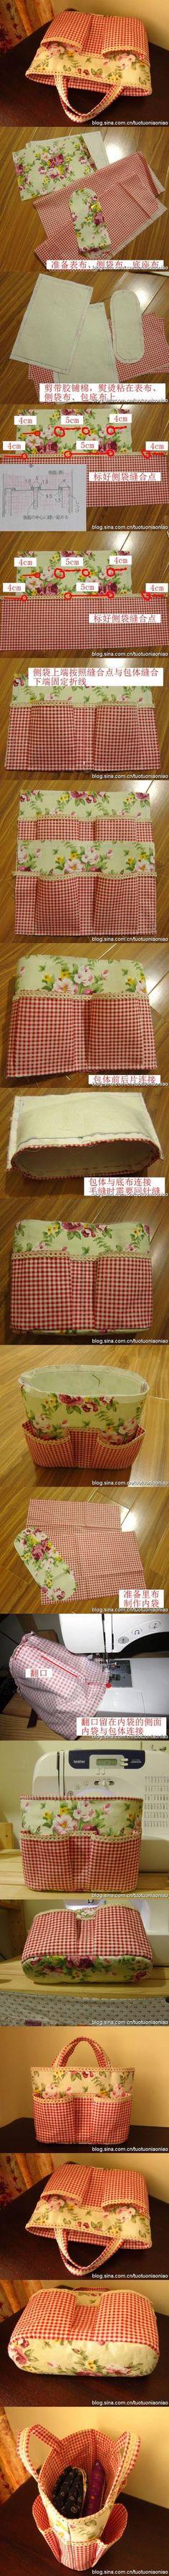 cómo coser una bolsa sobre tu hombro con tu propio patrón de foto de manos